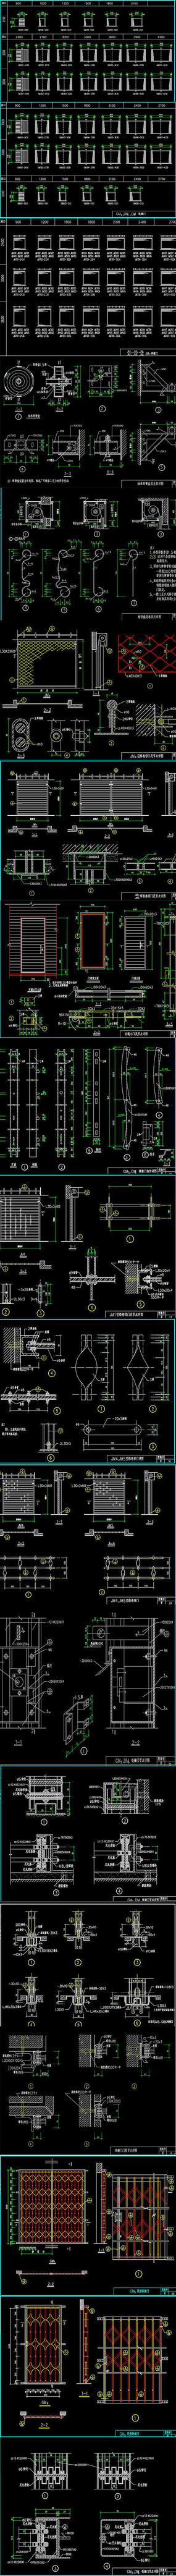 各种型号铁栅门-卷帘门设计节点图集